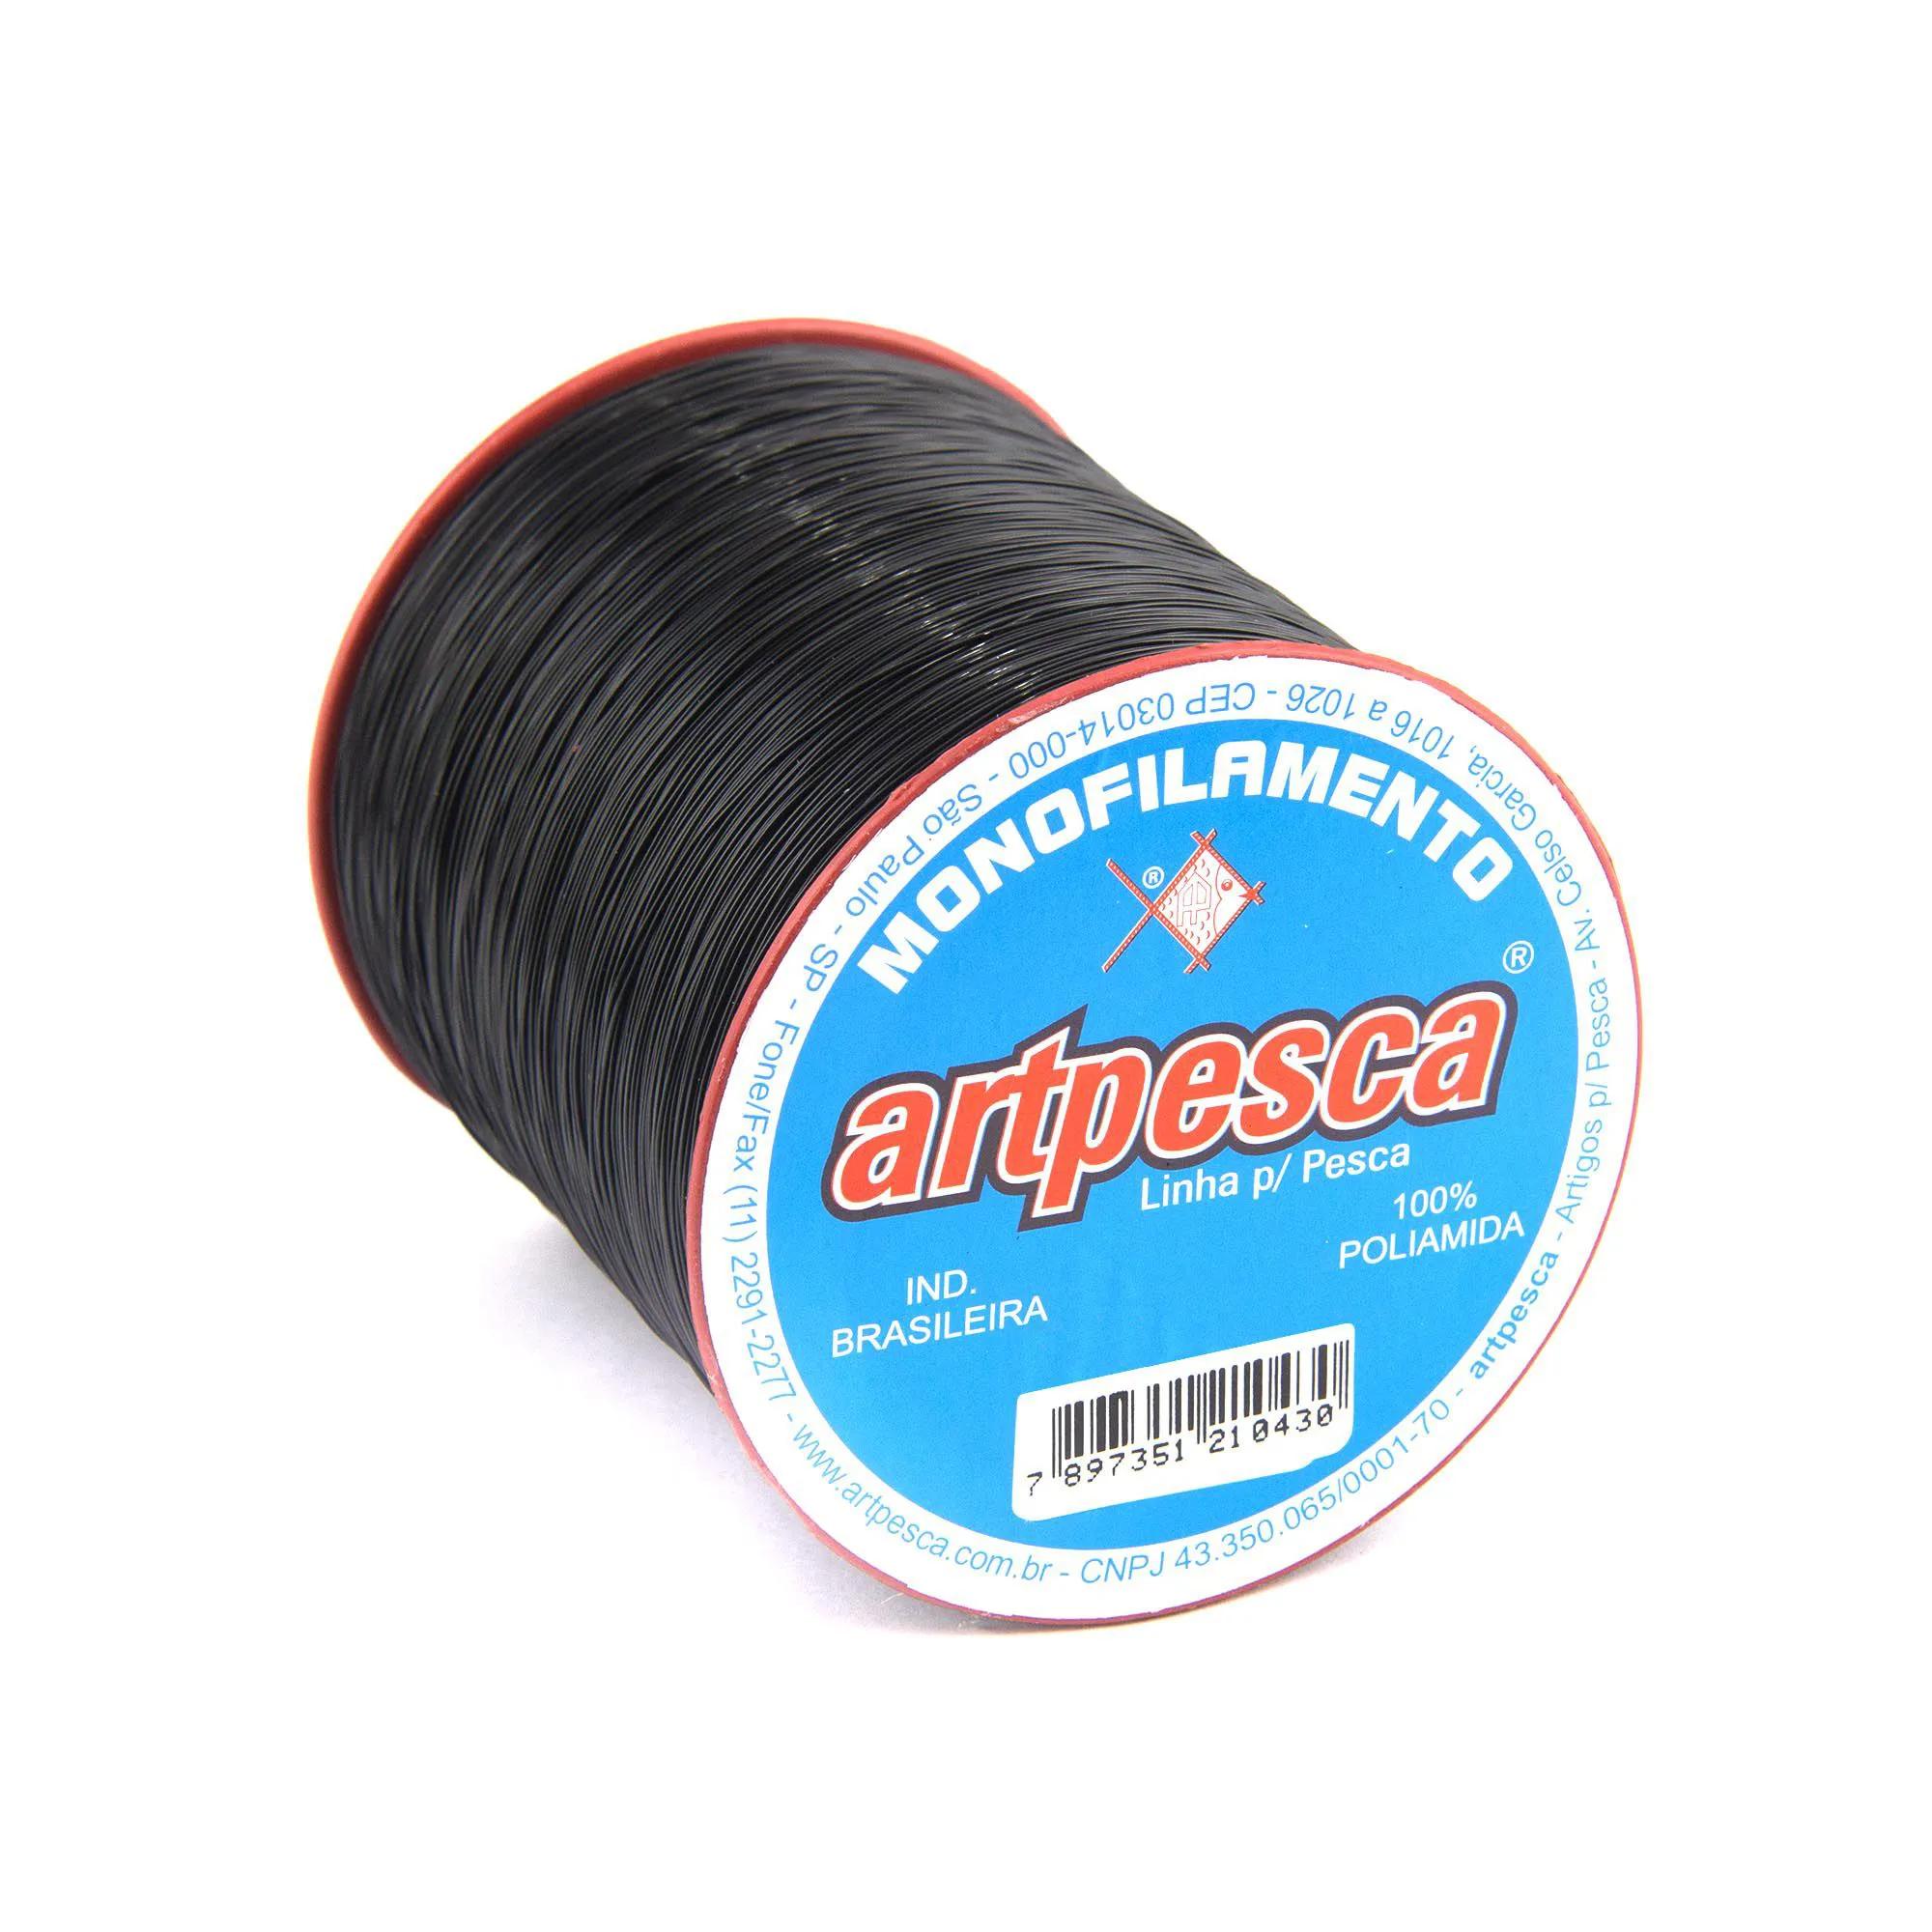 Linha de Nylon Artpesca Preta 0,40mm - 1 unidades com 100gr  - Artpesca